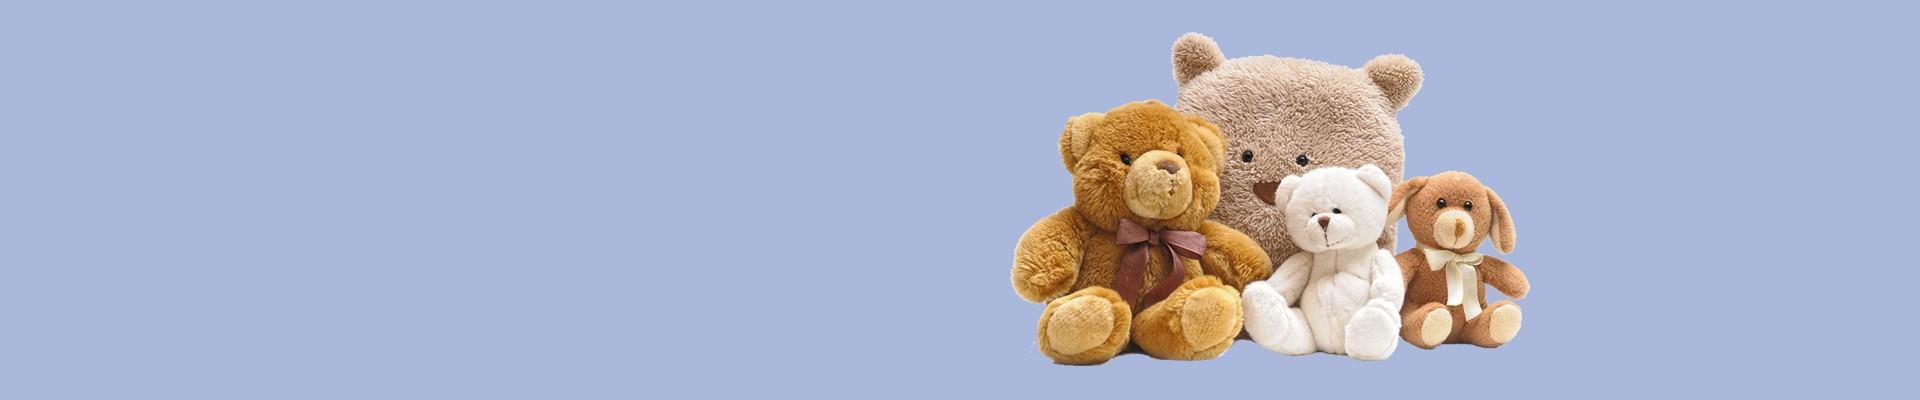 Jual Boneka Lucu Terbaik & Berkualitas - Pilihan Lengkap, Harga Murah